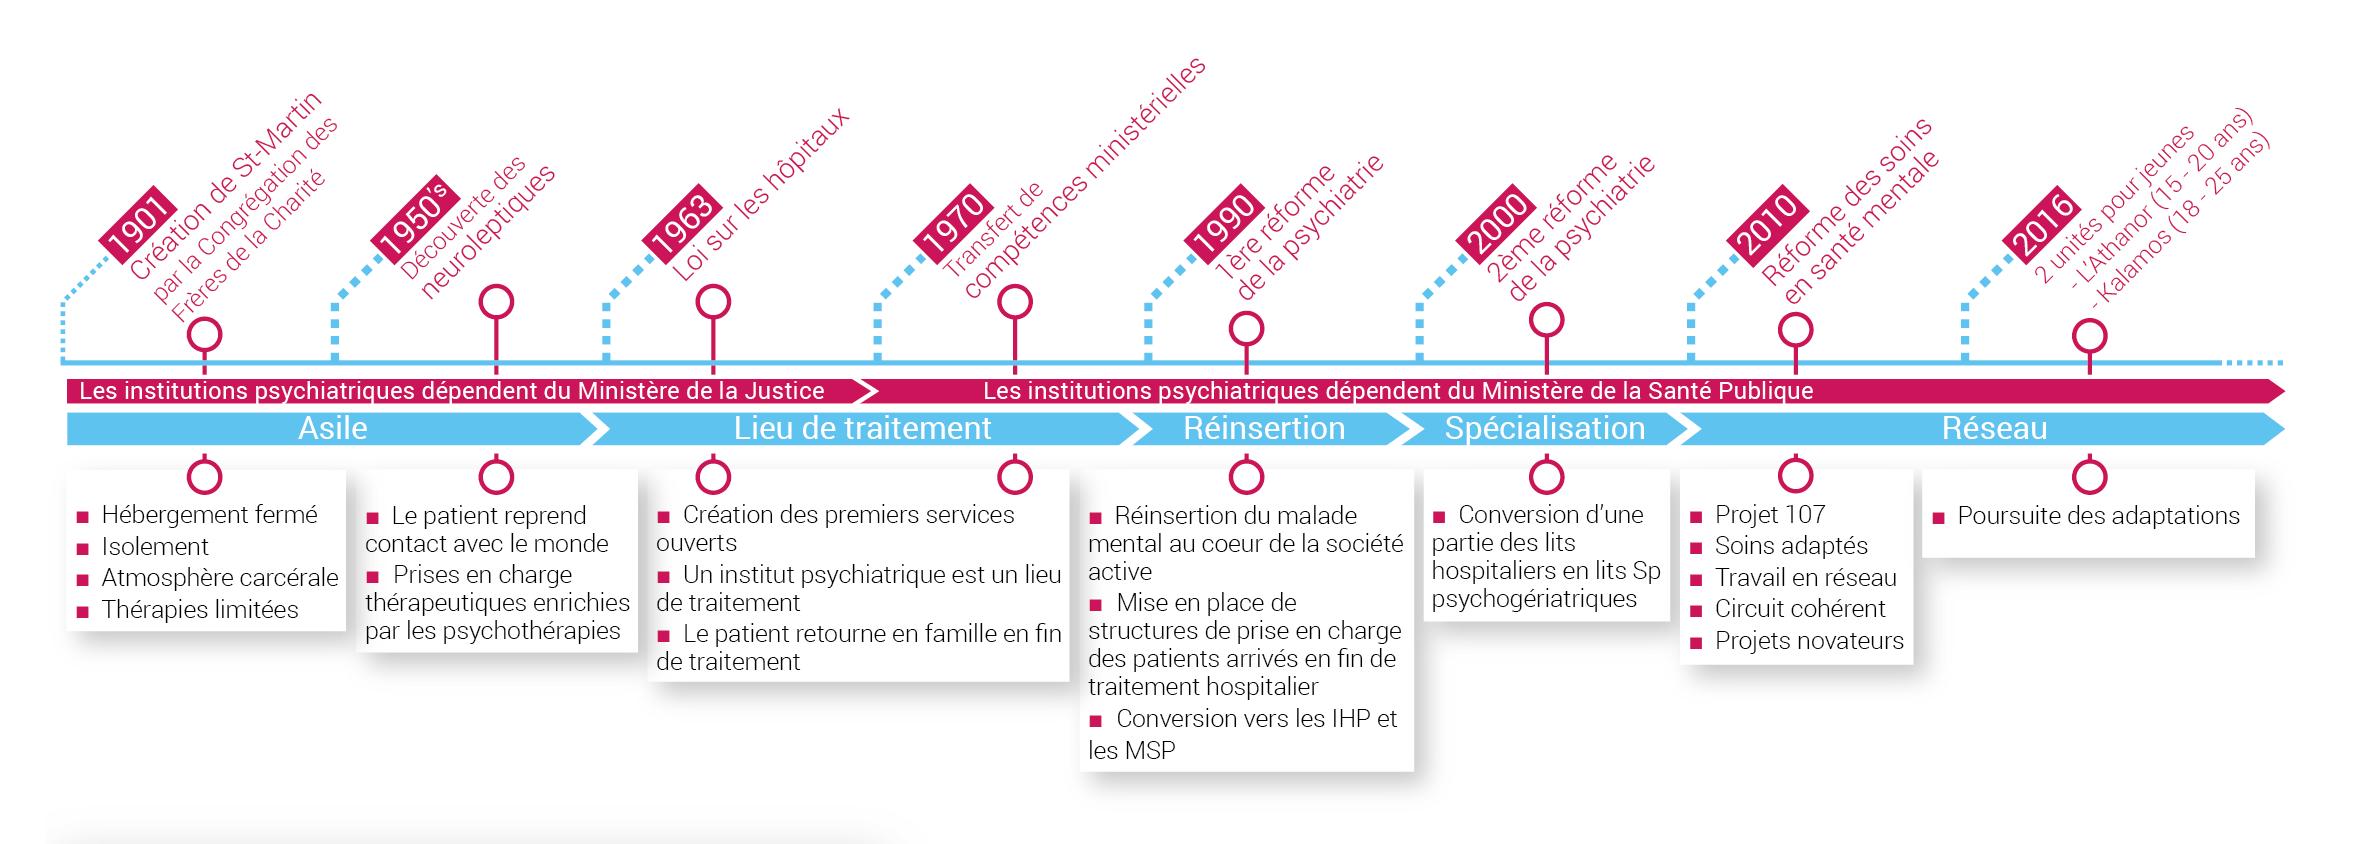 Evolution du CNP St-Martin - bigImg